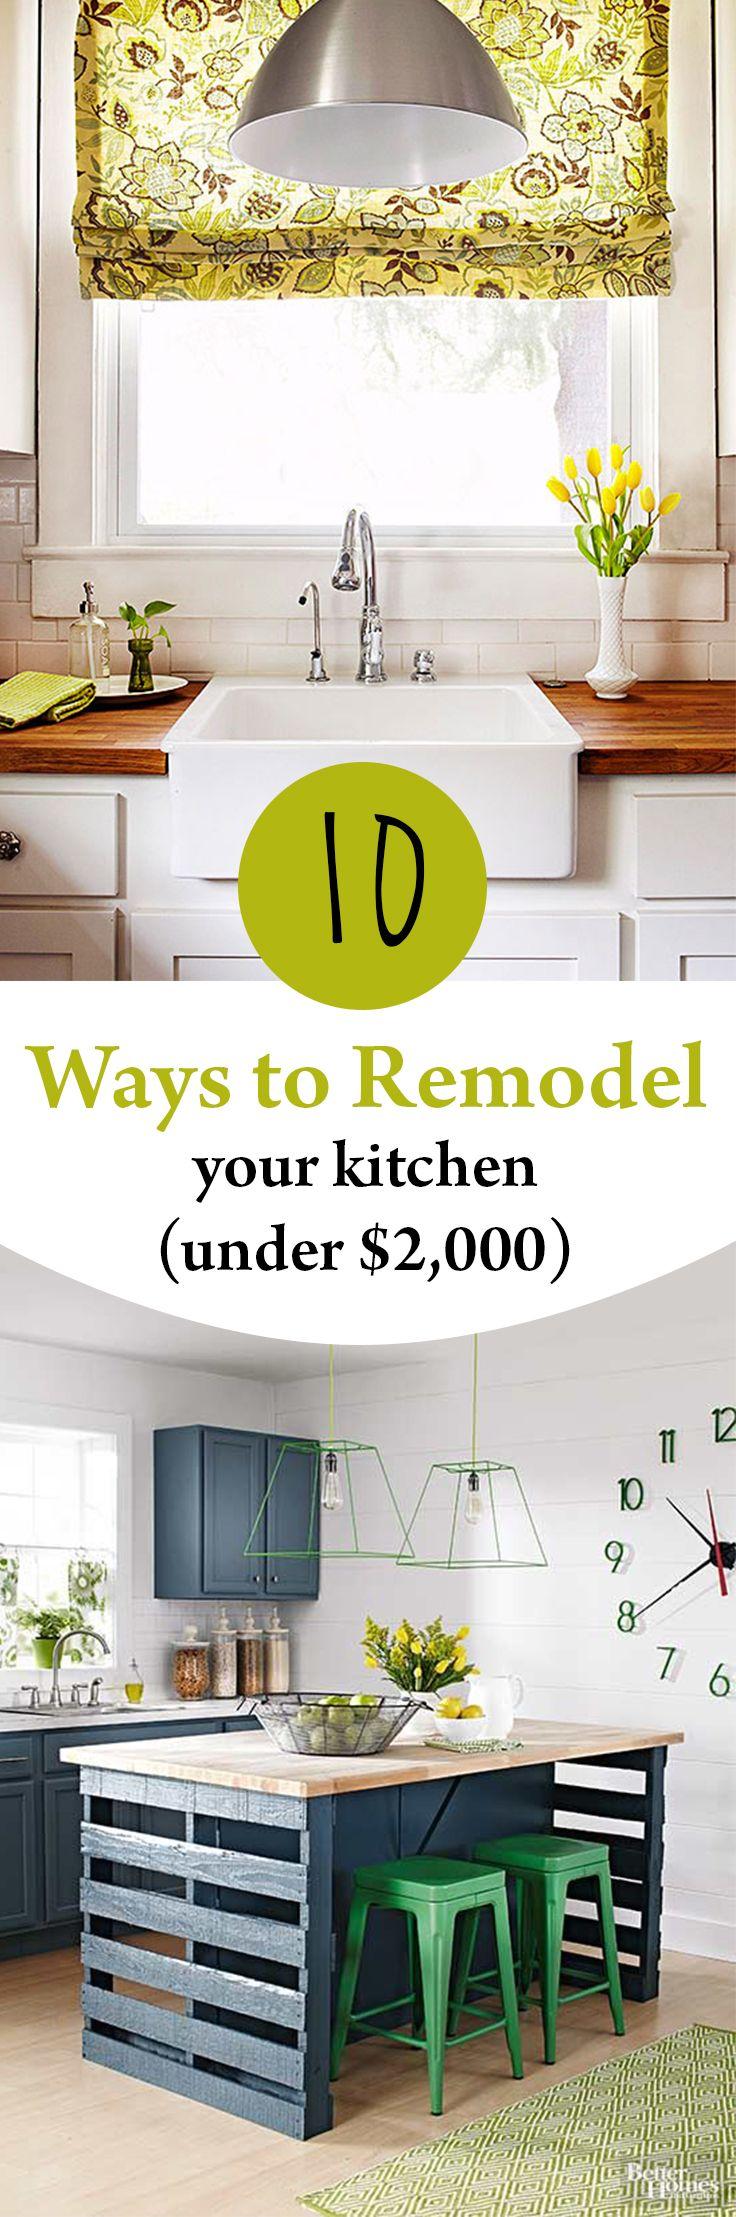 10 Ways to Remodel Your Kitchen (Under $2,000) | Holz und Wohnen